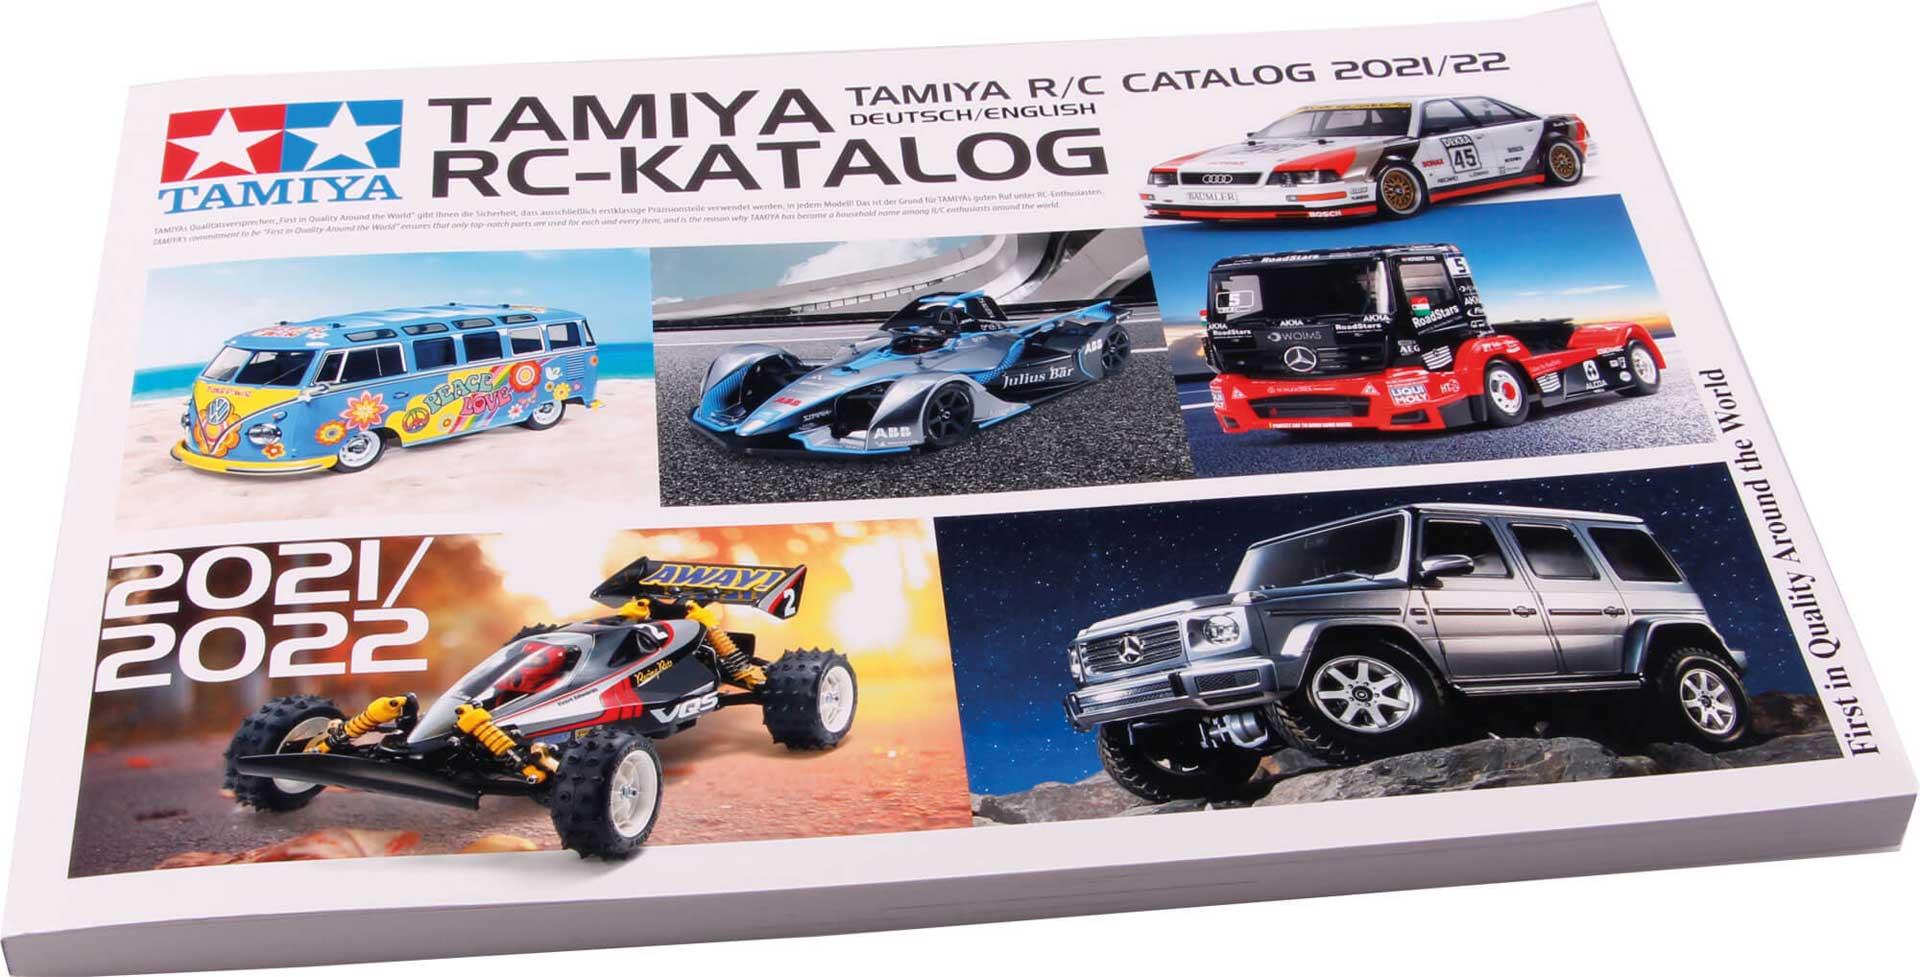 TAMIYA RC Katalog 2021/2022